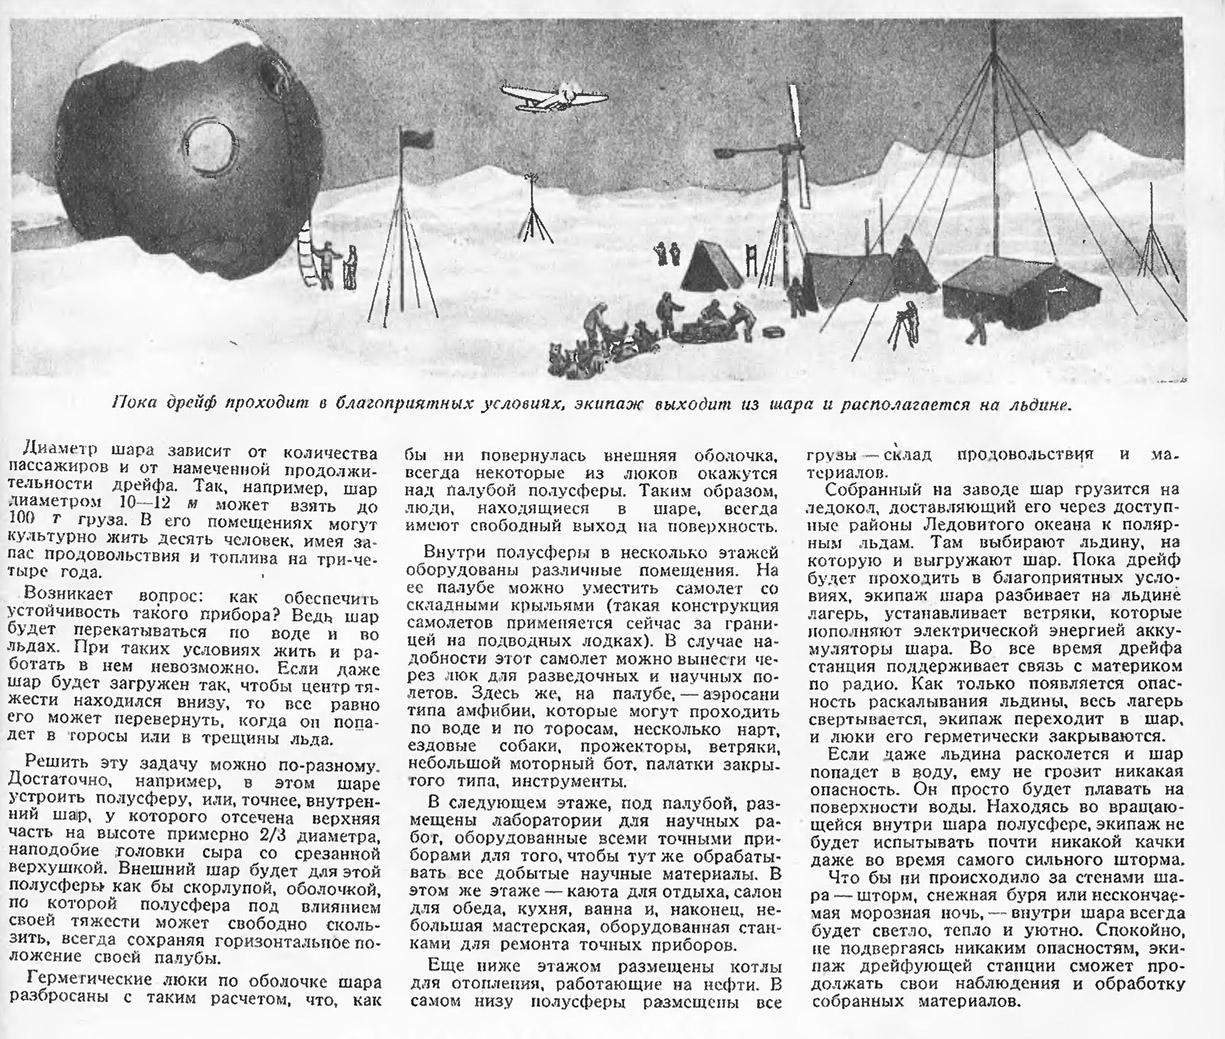 Арктические яйца